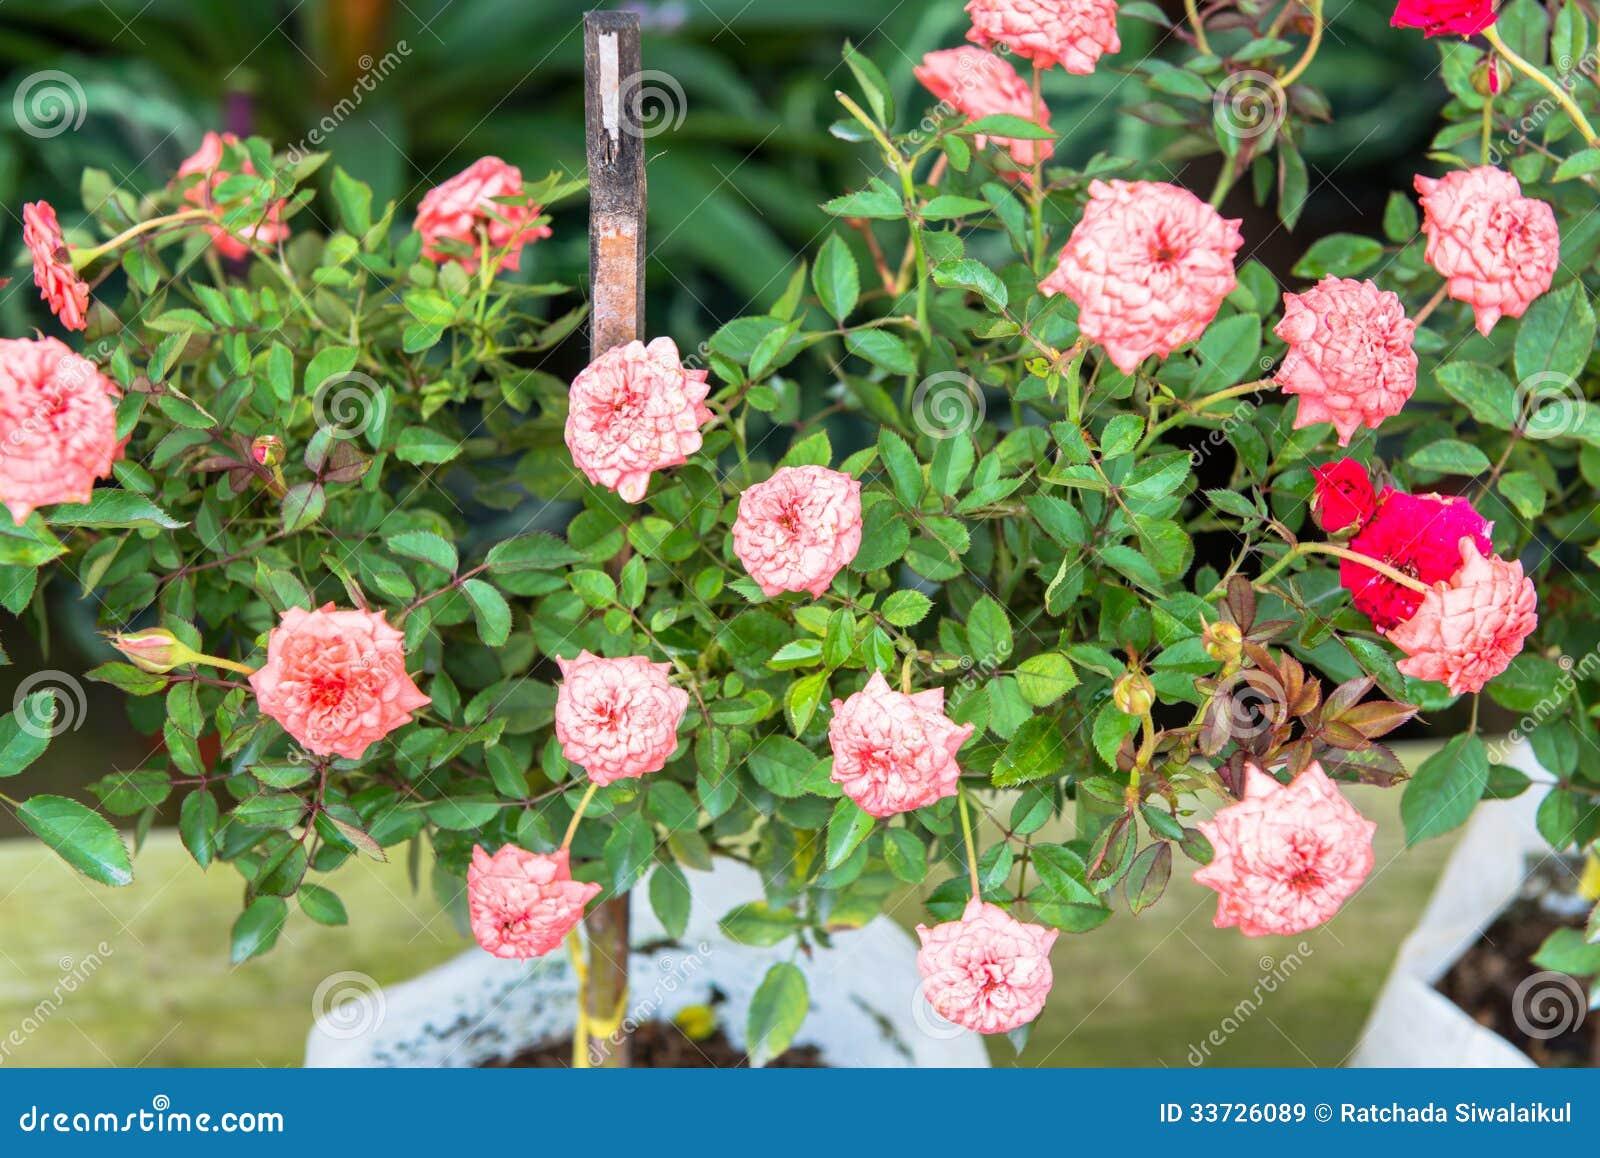 Розы на кусте